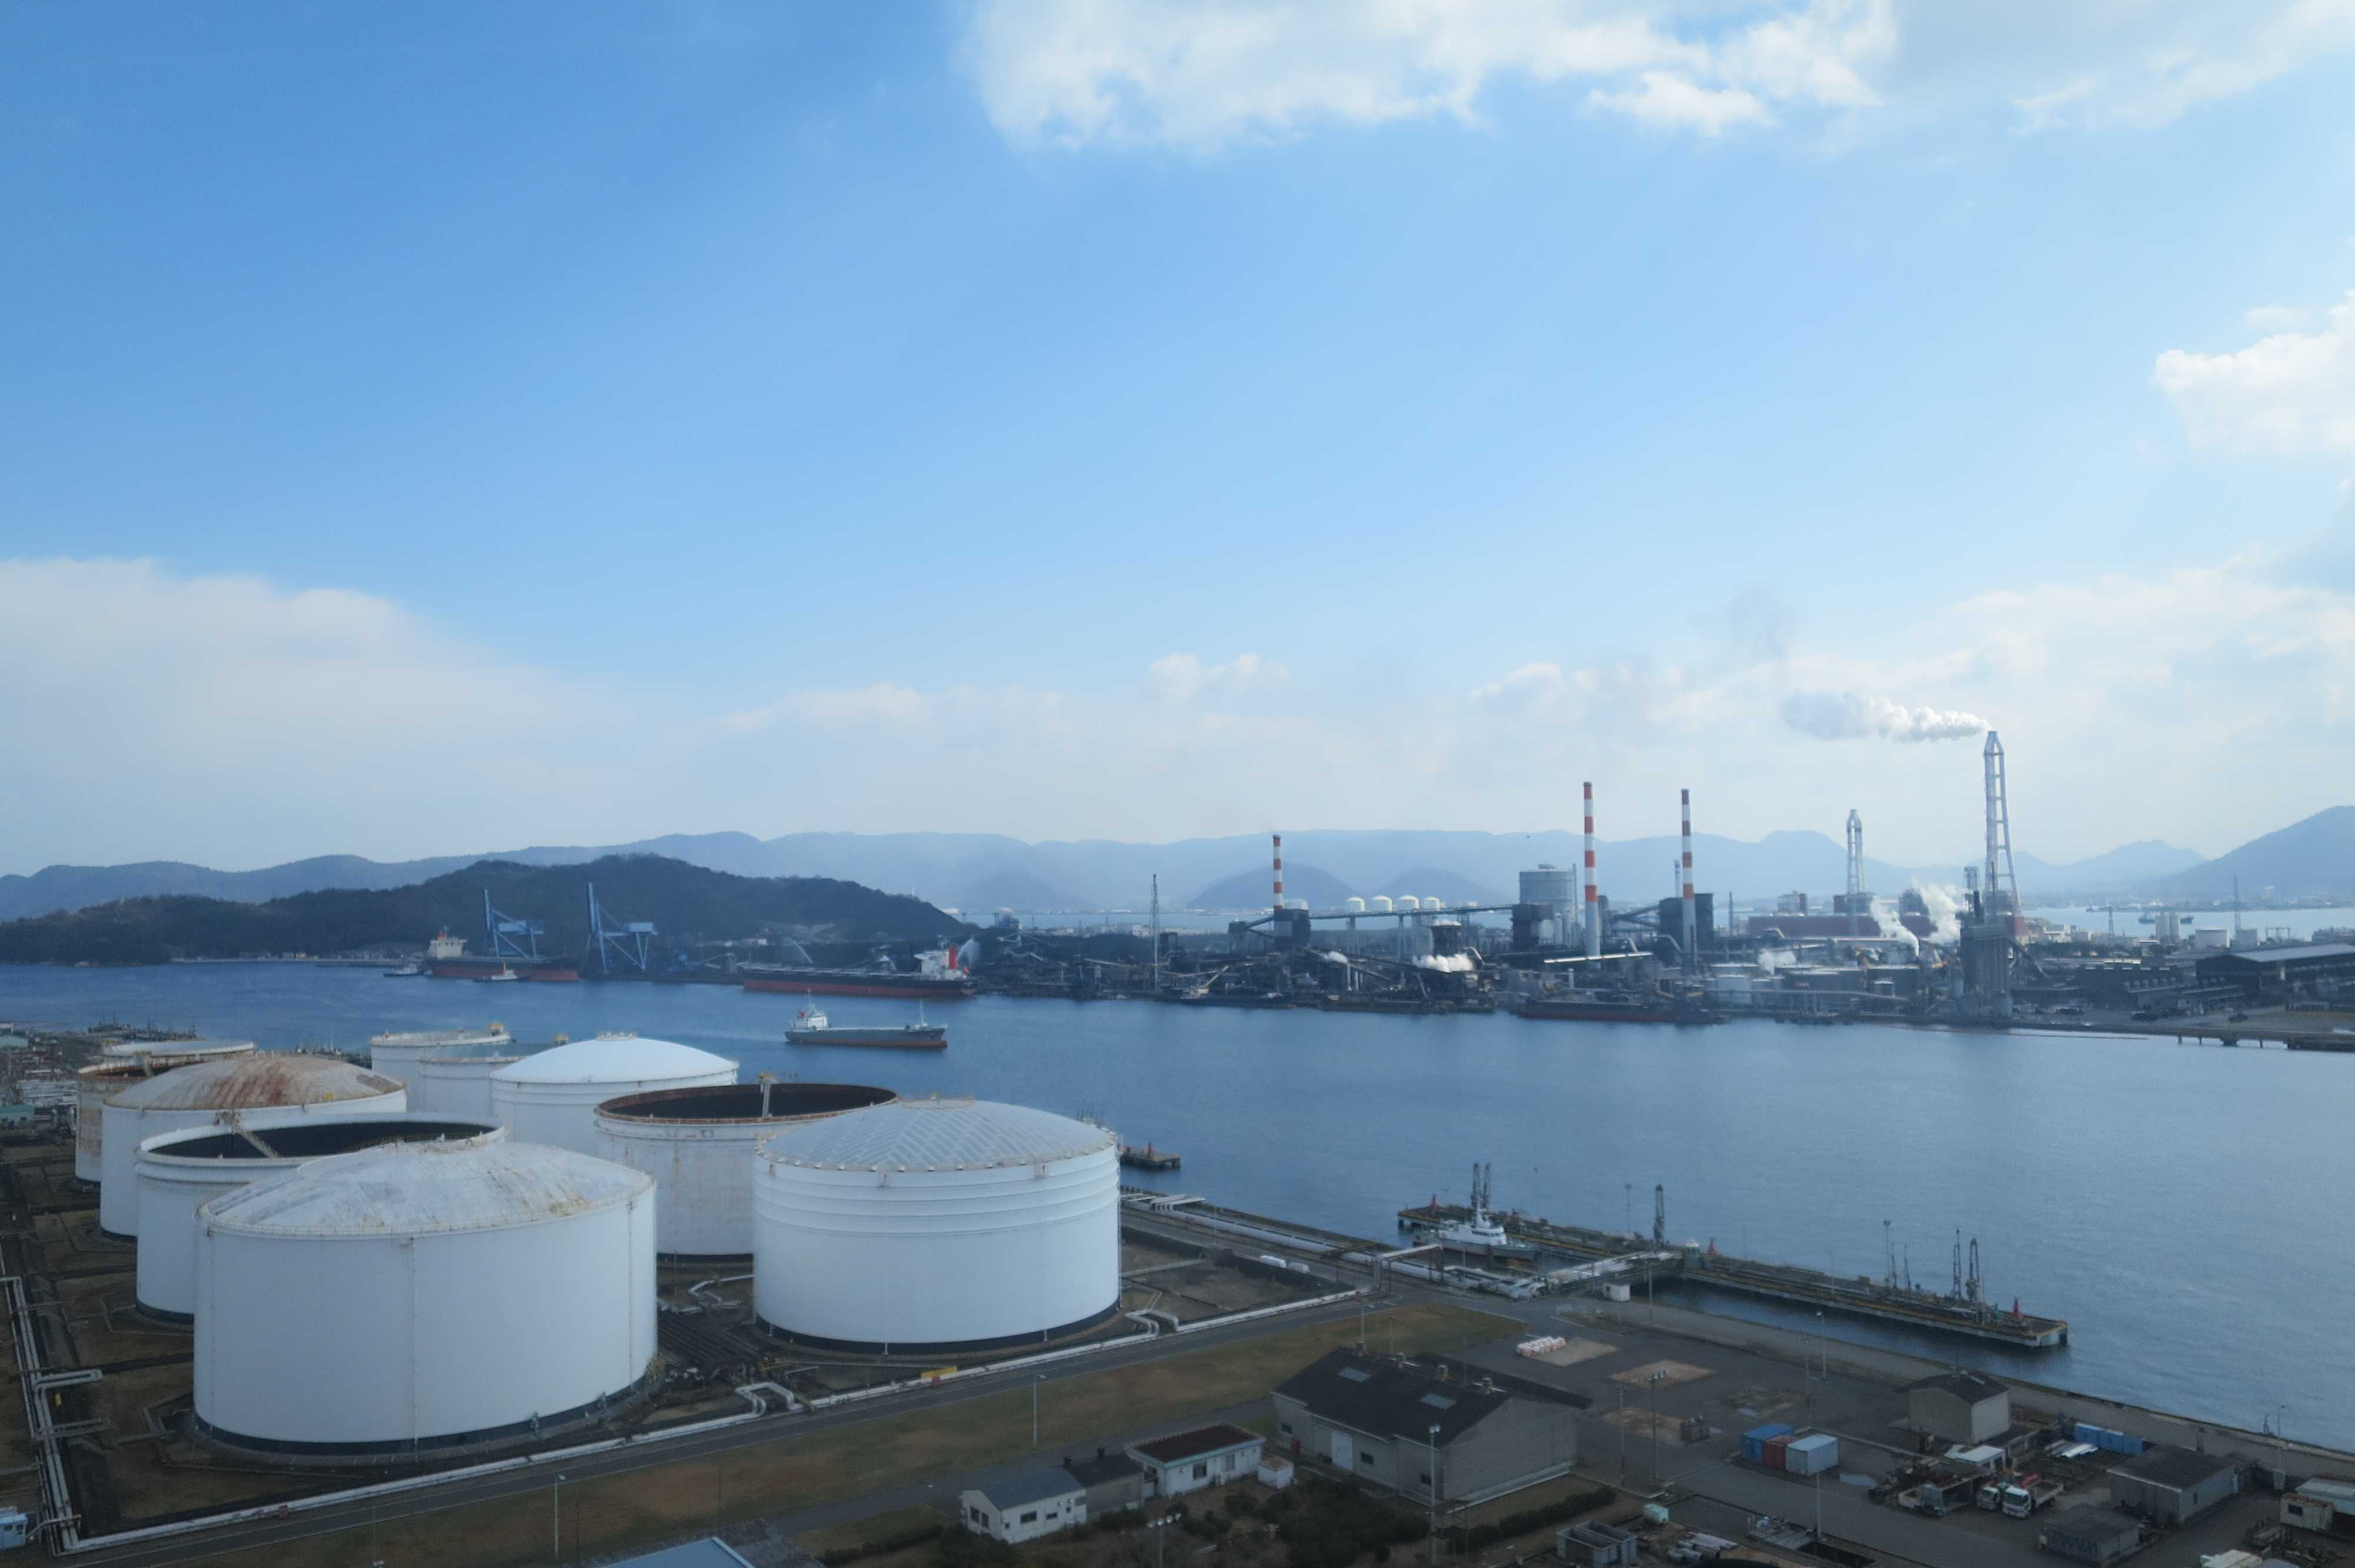 香川県随一の大型コンビナート工業団地 番の州臨海工業団地